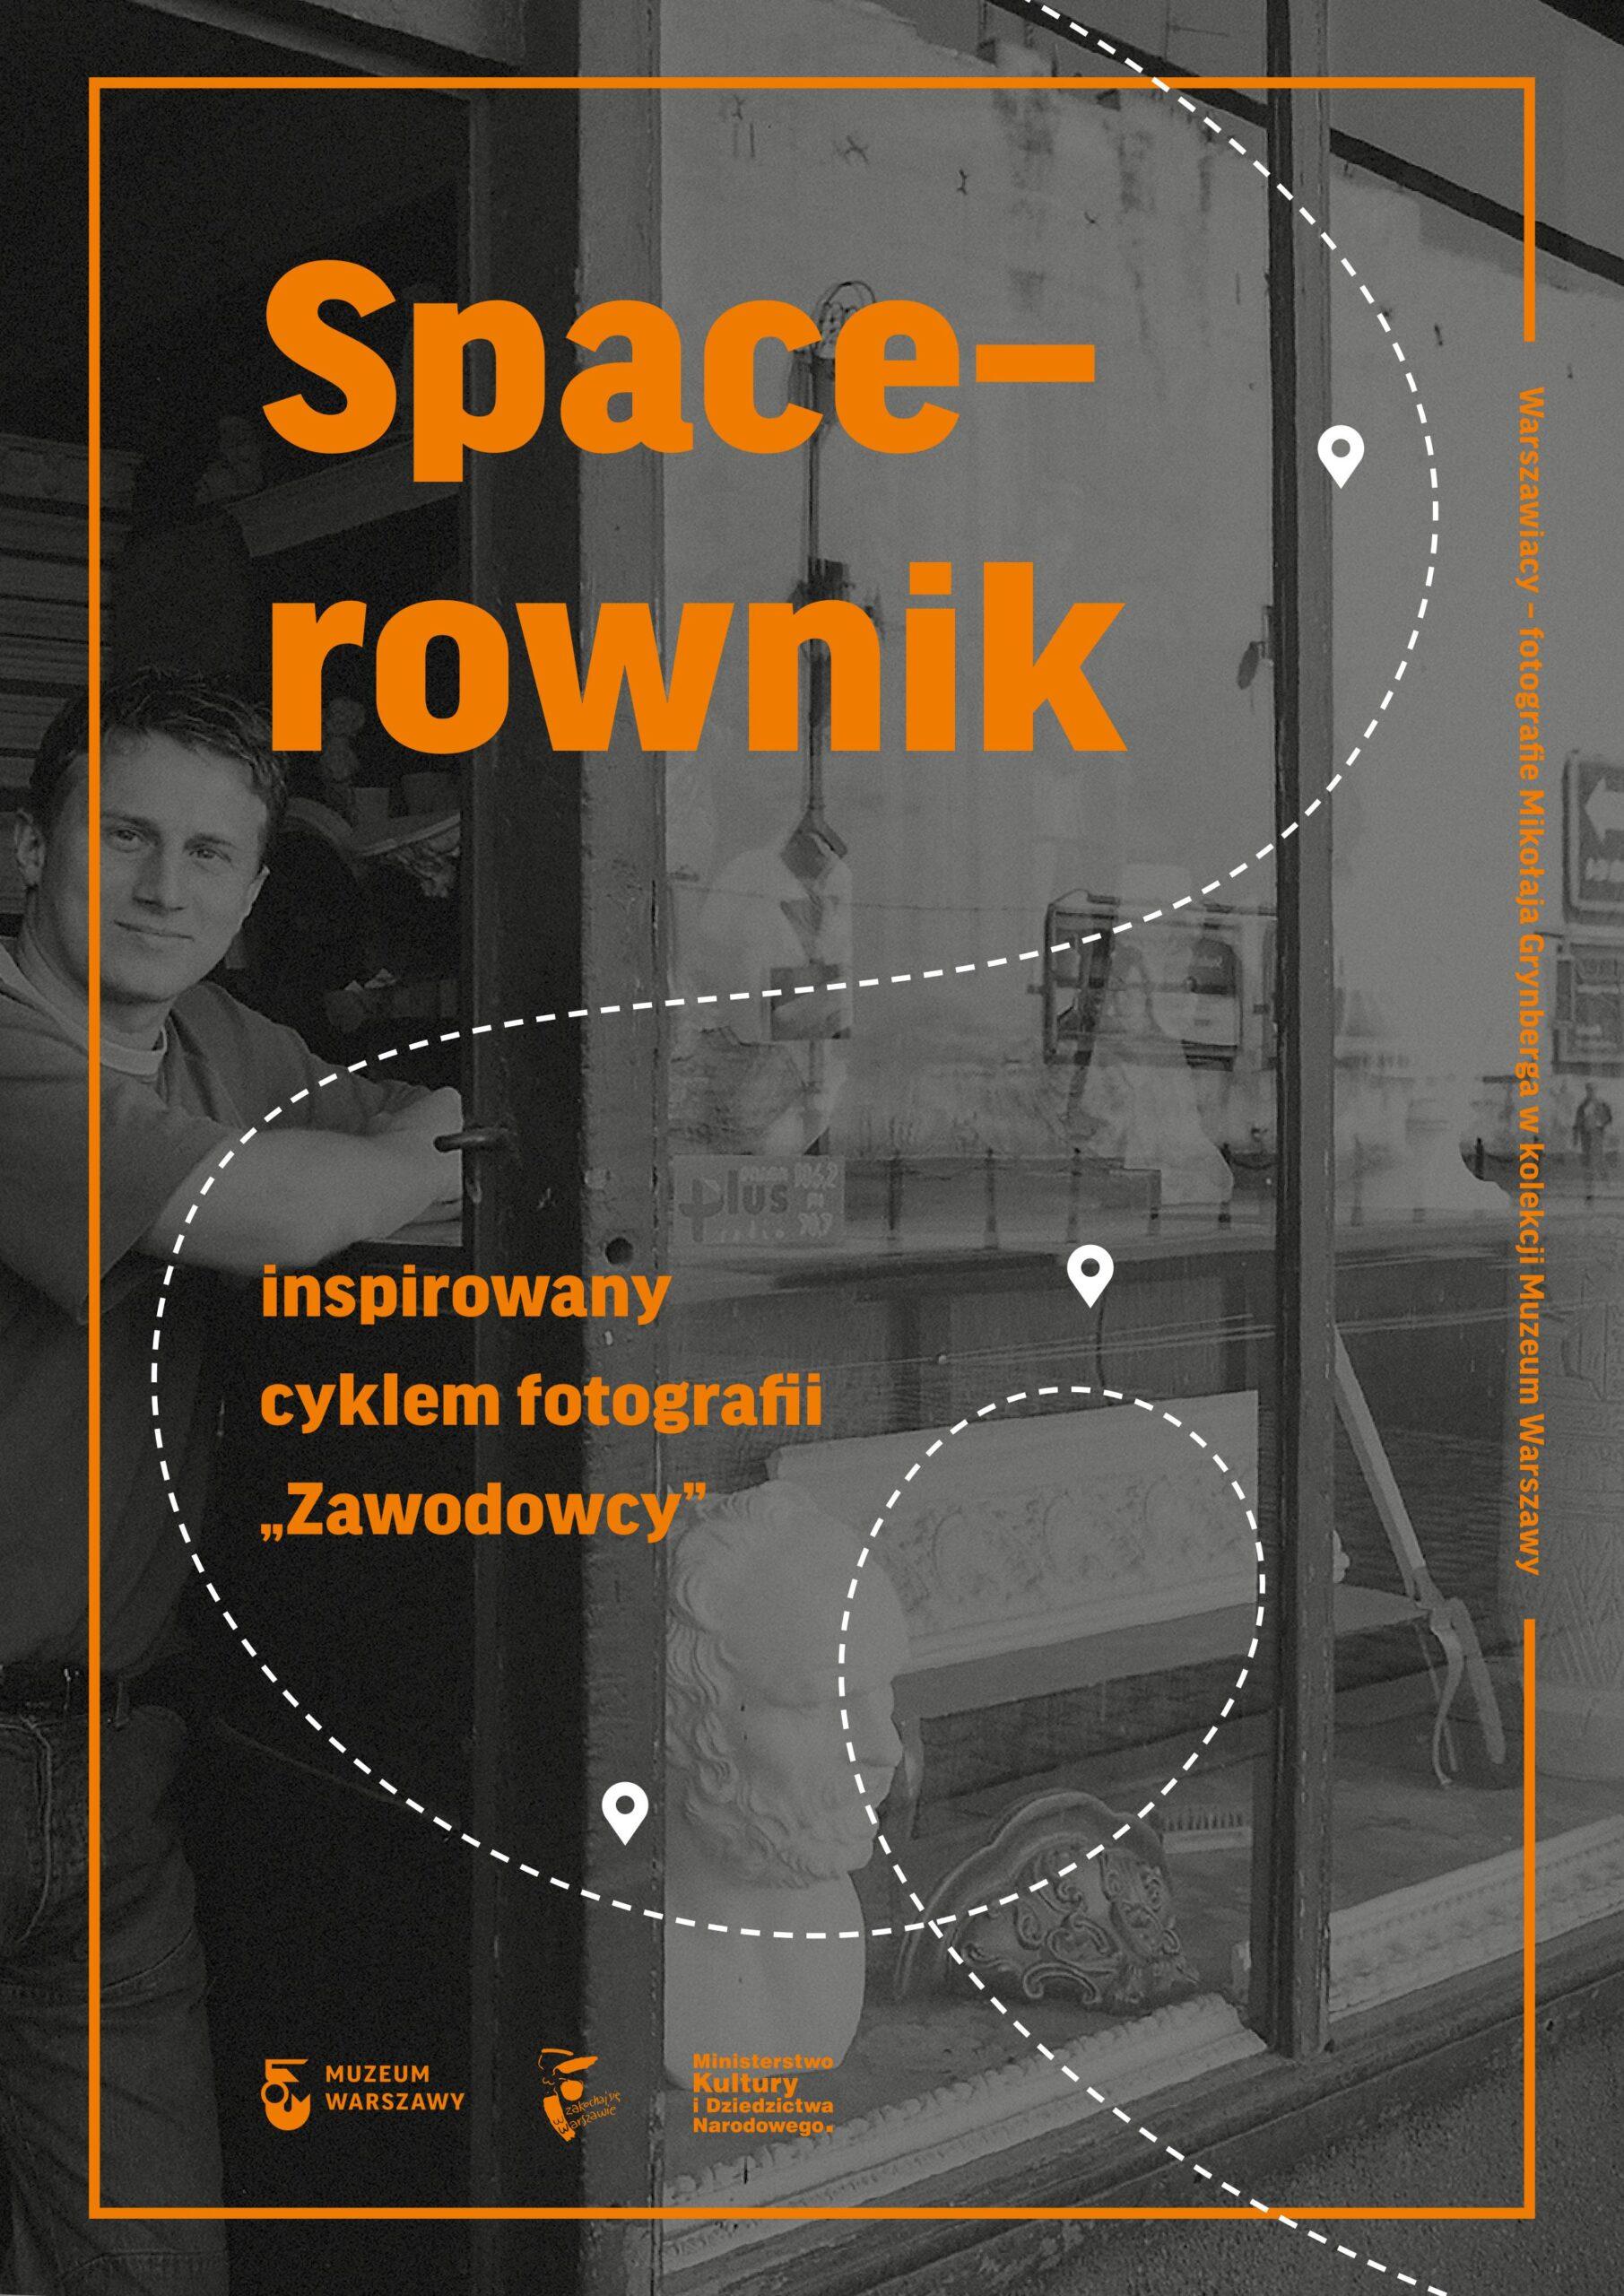 Okładka spacerownika. Czarno białe zdjęcie nanim napis: Spacerownik inspirowany cyklem fotografii Zawodowcy.